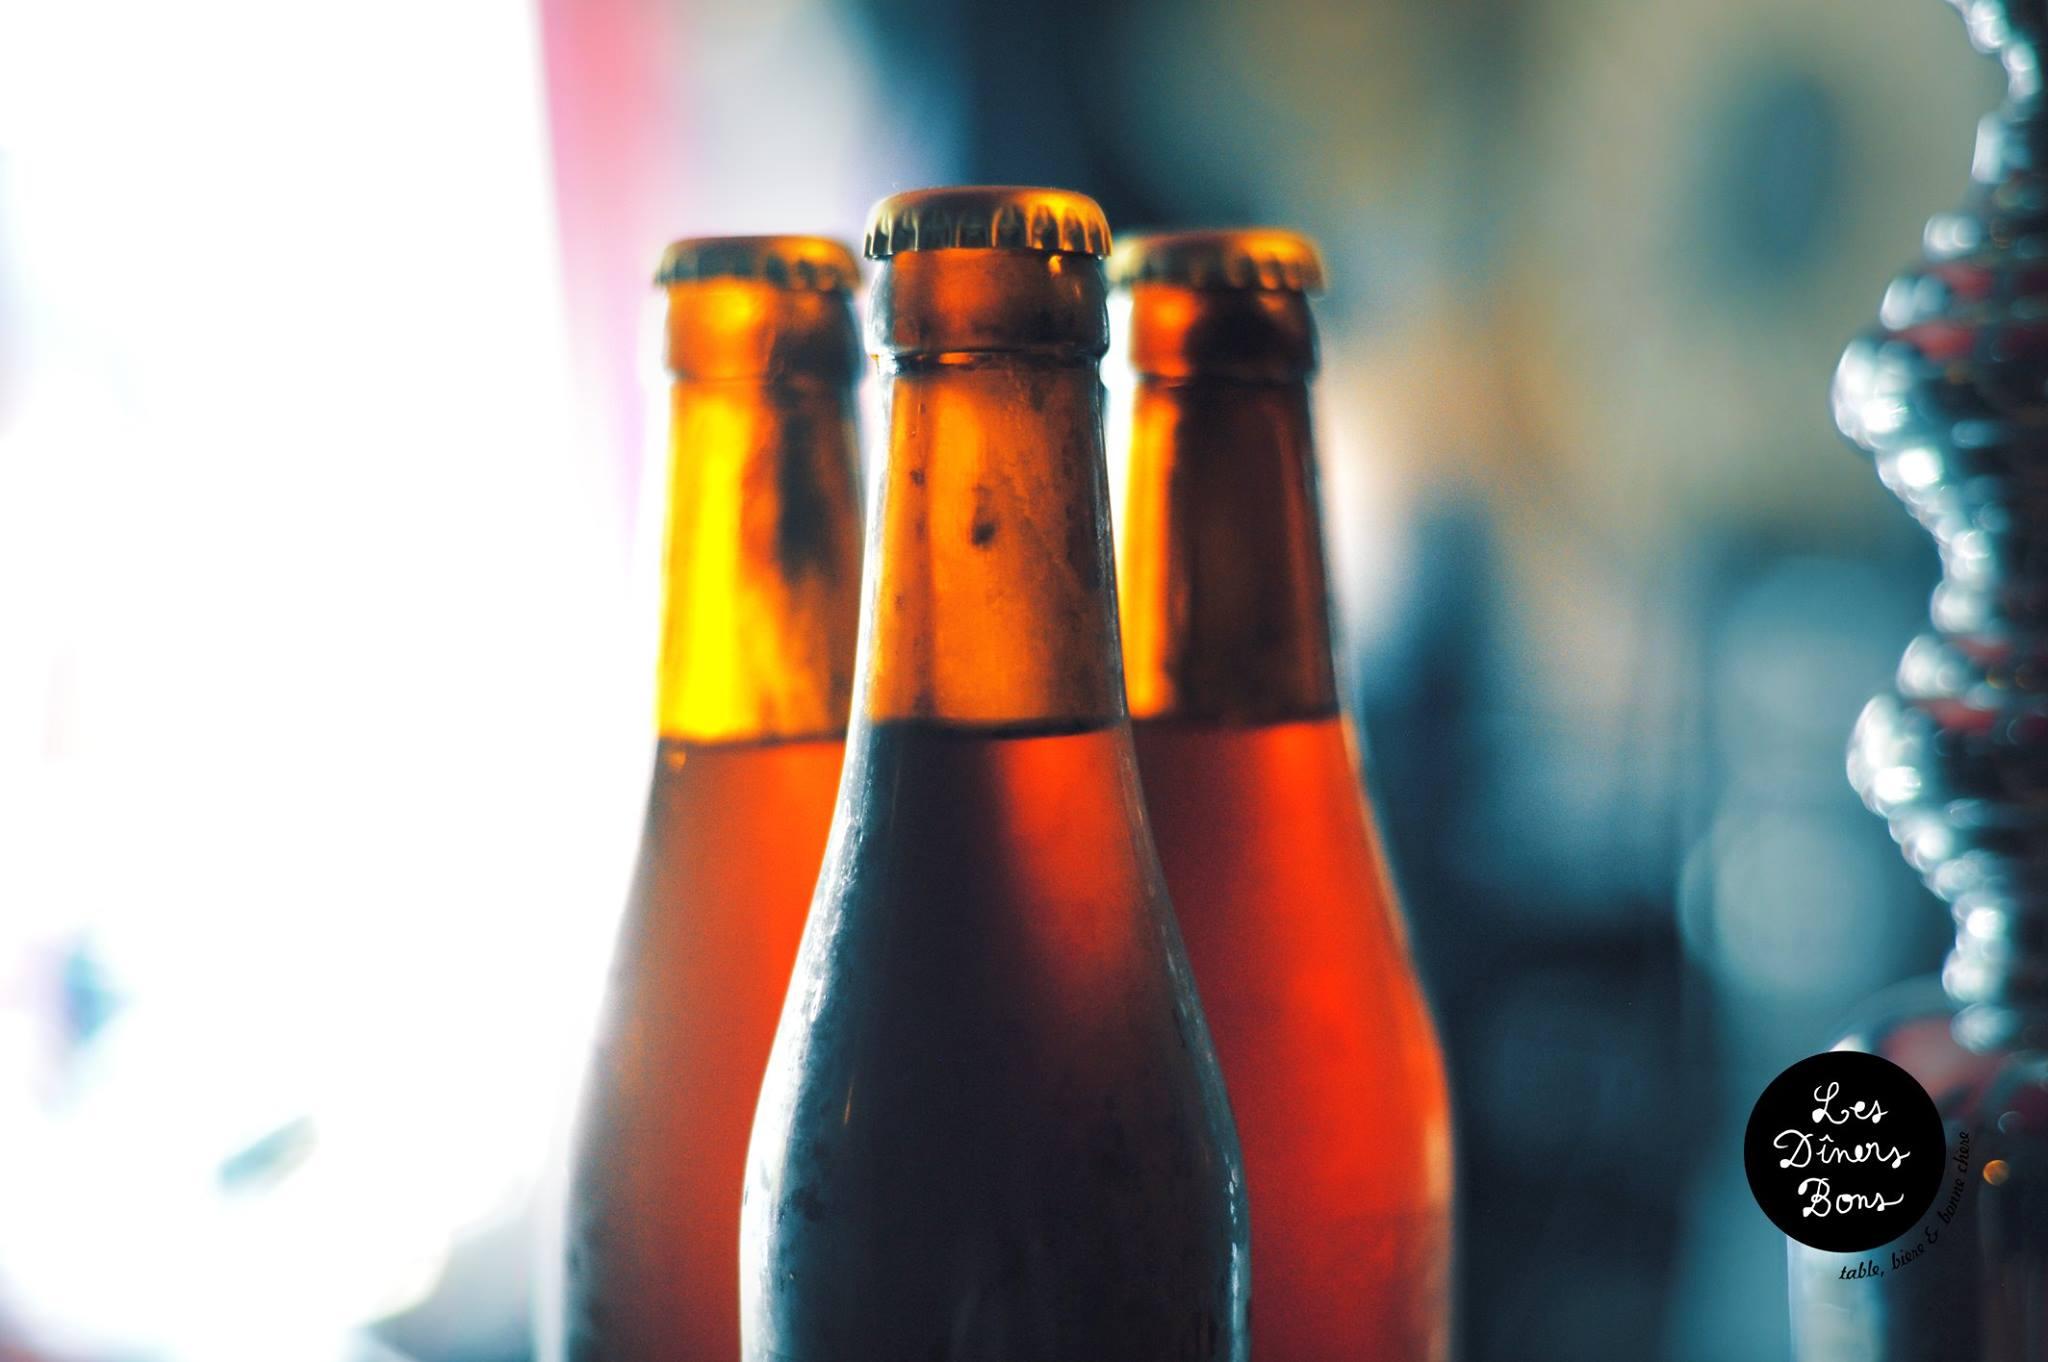 Bière bouteilles - Sources Les Dîners Bons